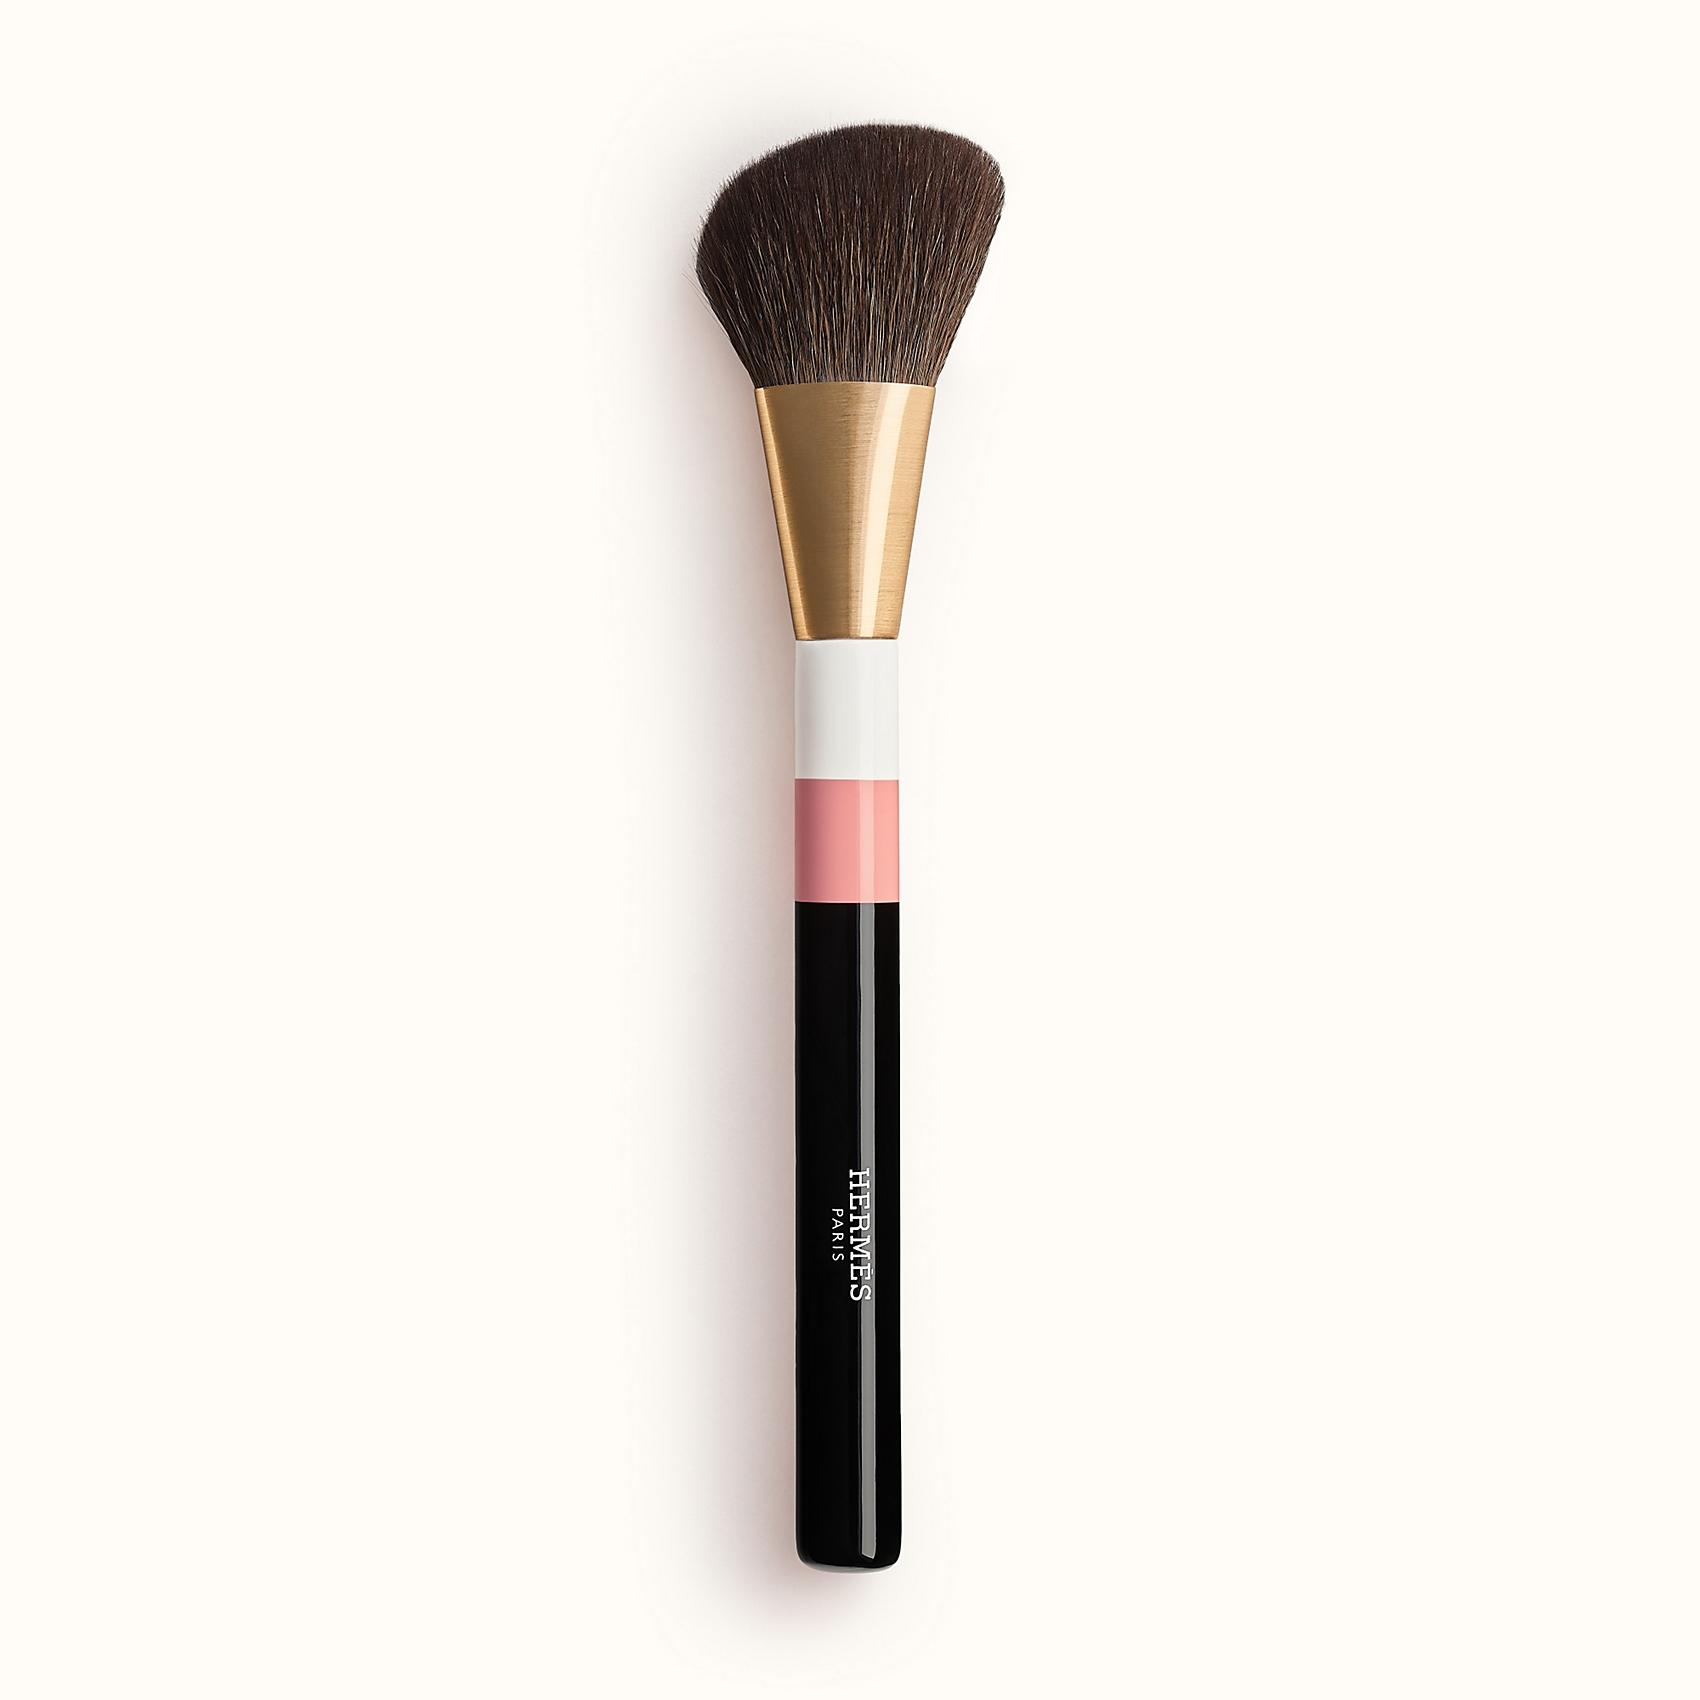 Hermès Blush Brush. Photo via Hermes.com